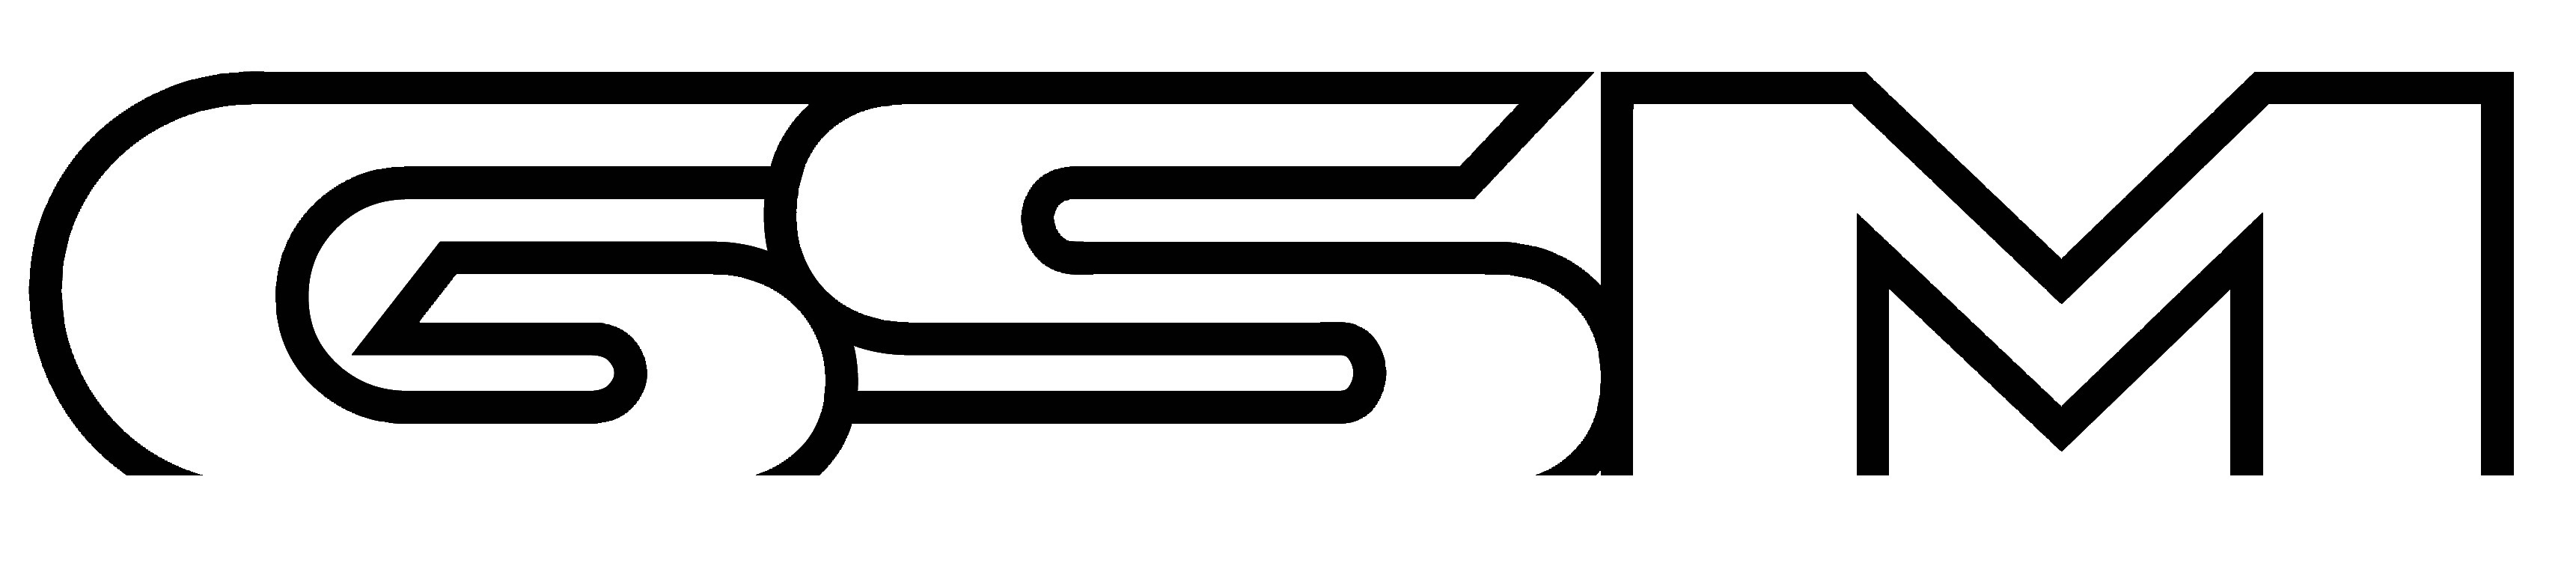 logo GSM